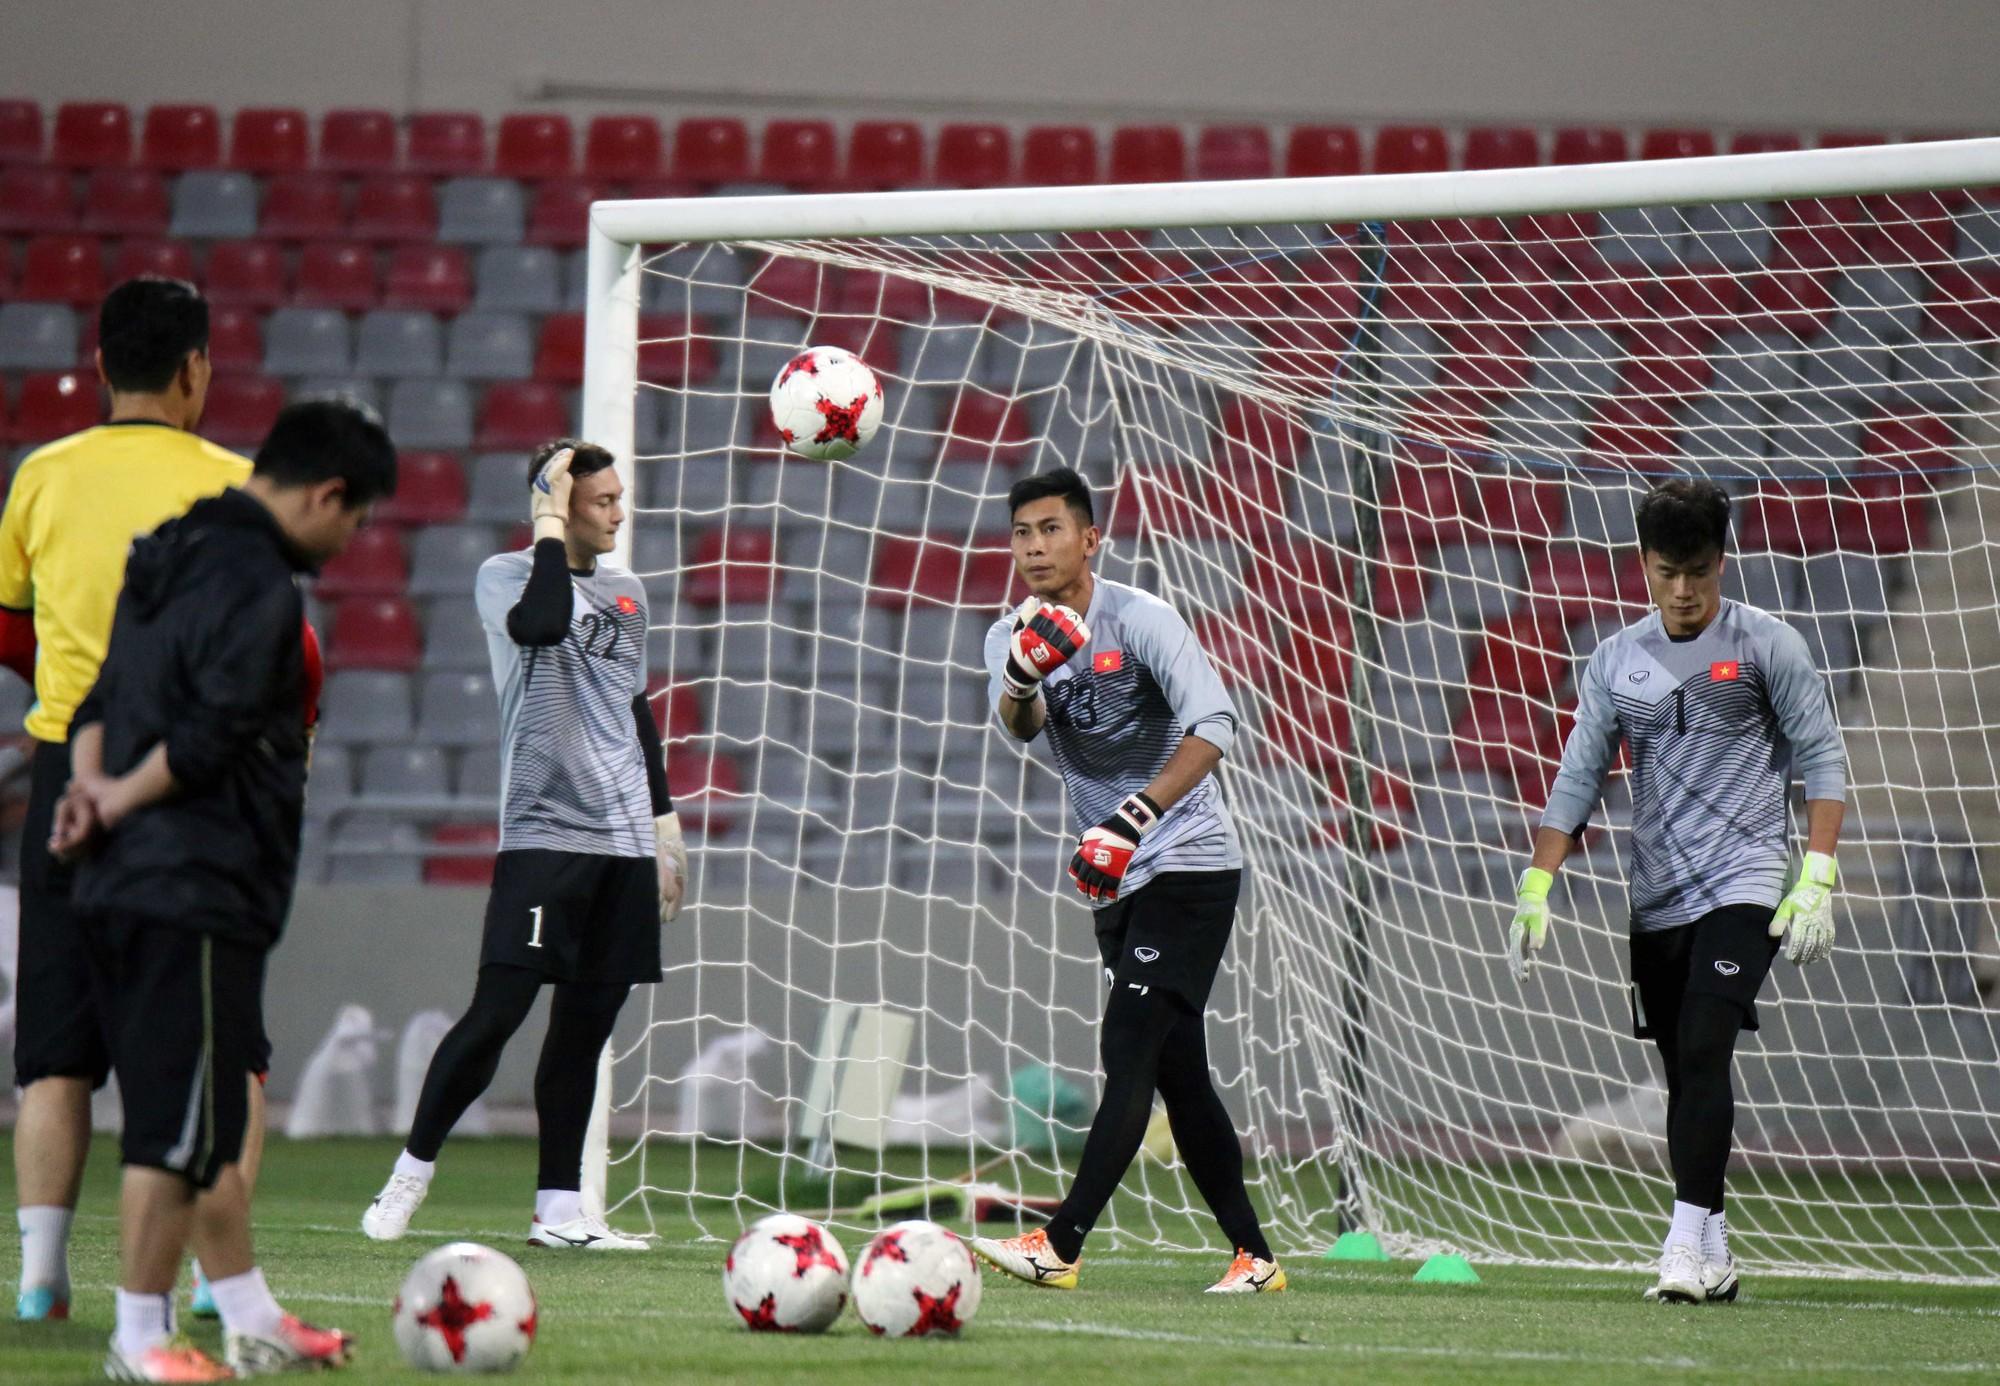 Hòa Jordan, đội tuyển Việt Nam kết thúc vòng loại Asian Cup 2019 với chiến tích bất bại